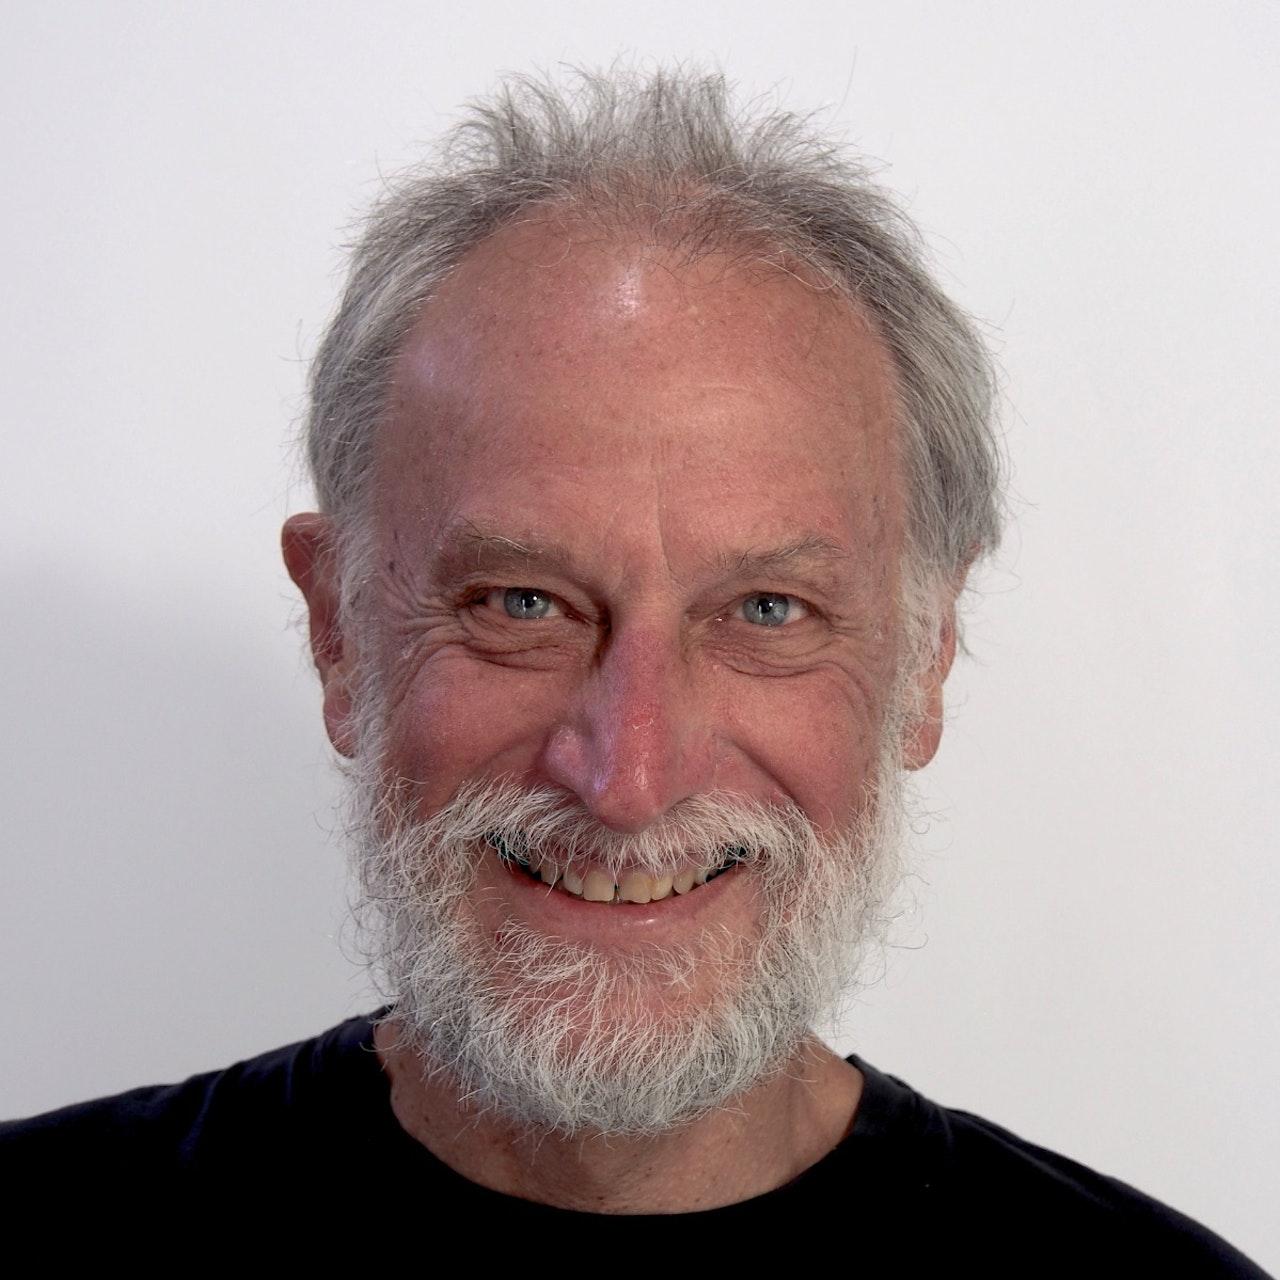 Ian GIbbins